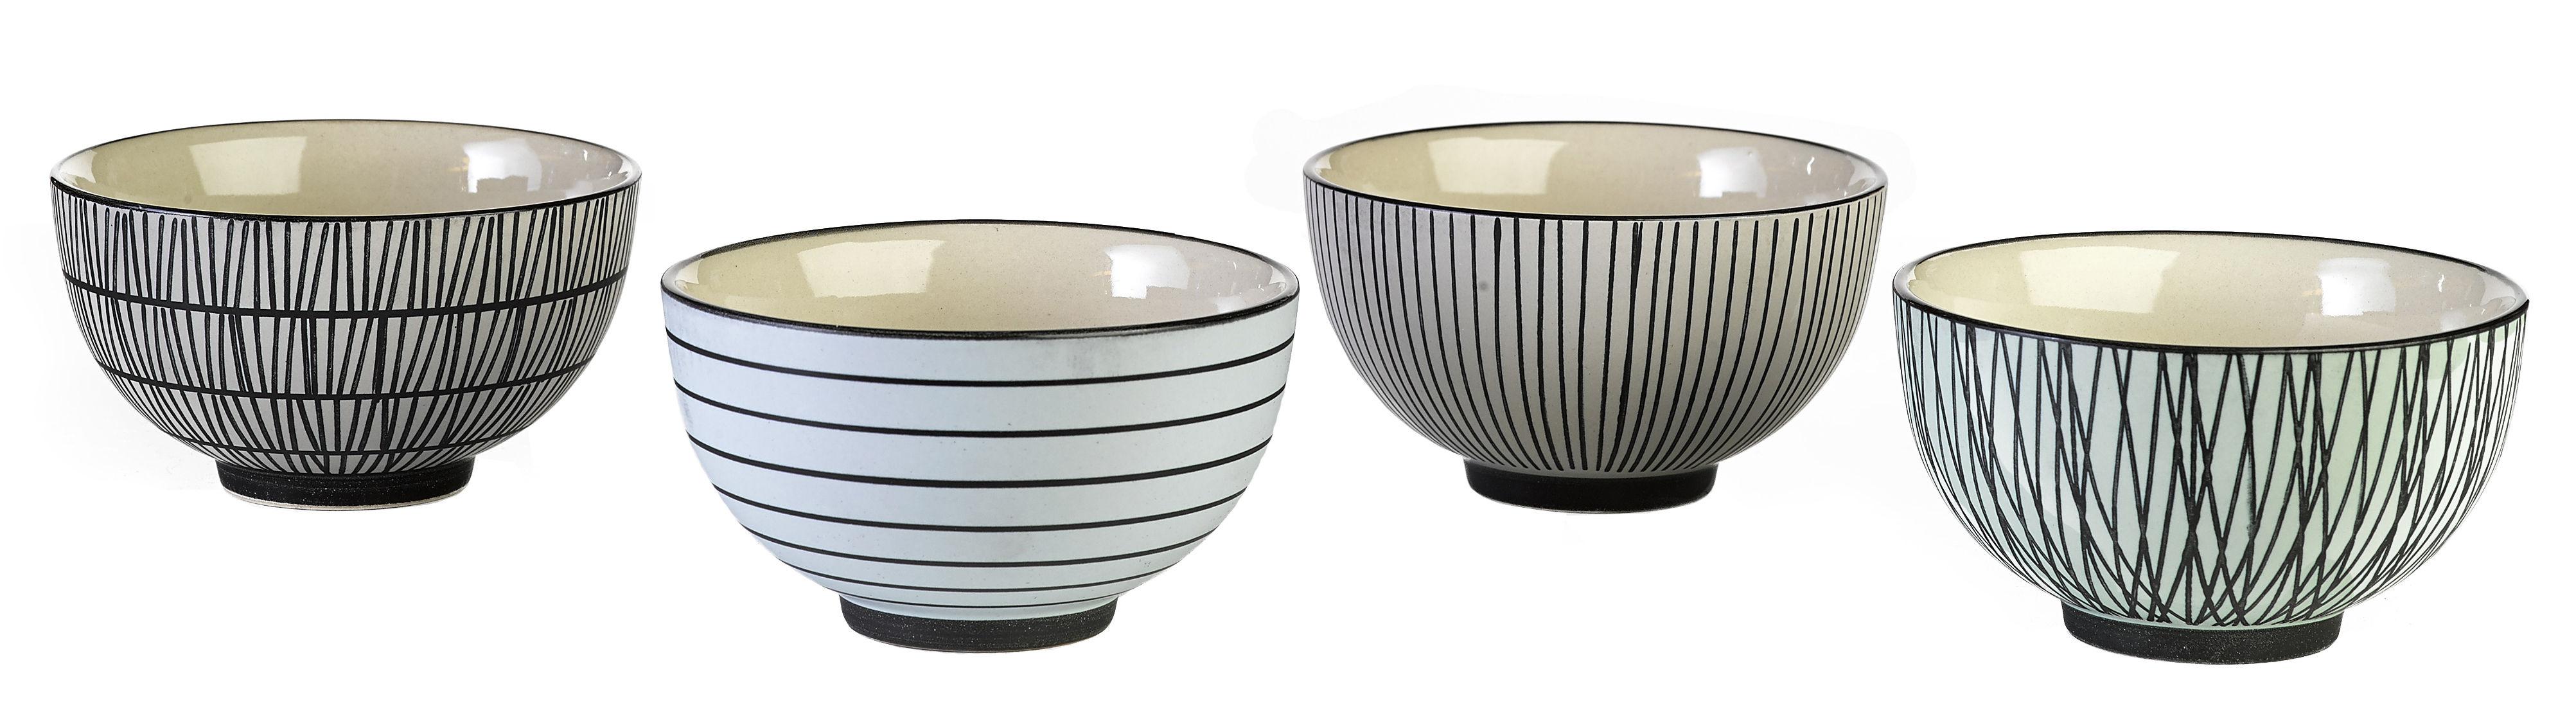 Arts de la table - Saladiers, coupes et bols - Bol Pastel Afresh / Set de 4 - Peint à la main - Pols Potten - Noir & blanc - Porcelaine émaillée